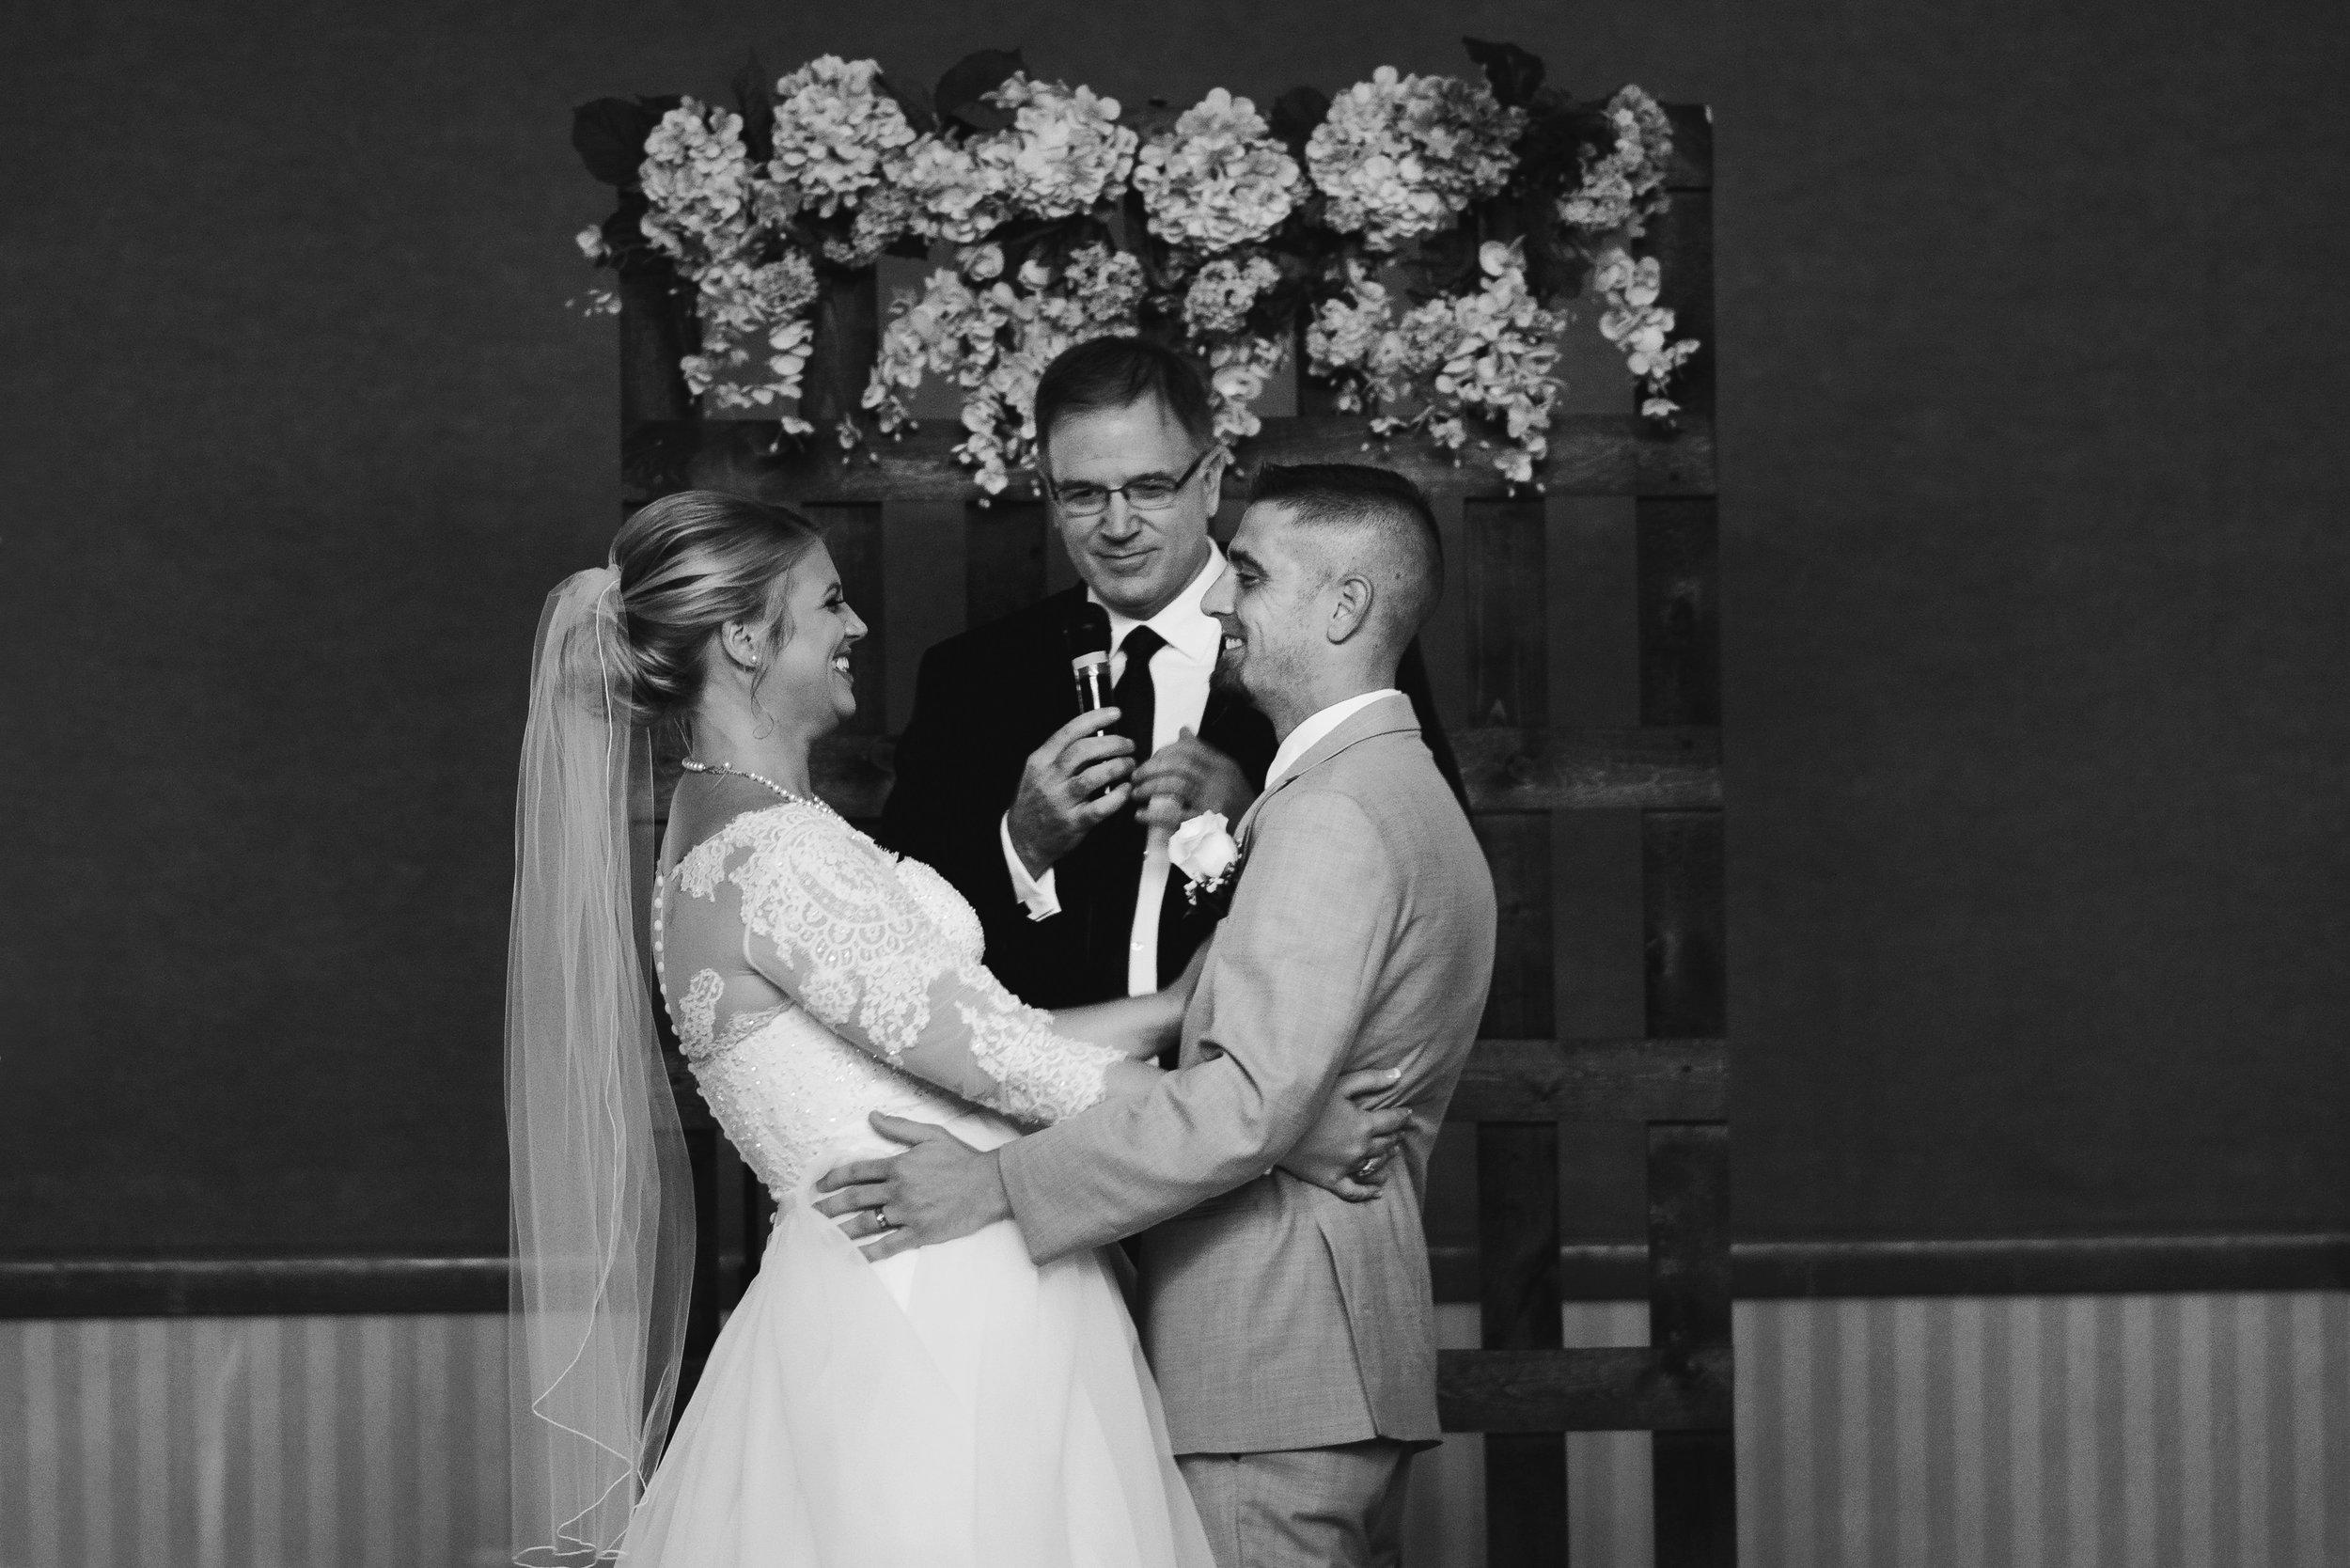 King-Northern-Illinois-University-Wedding078.jpg